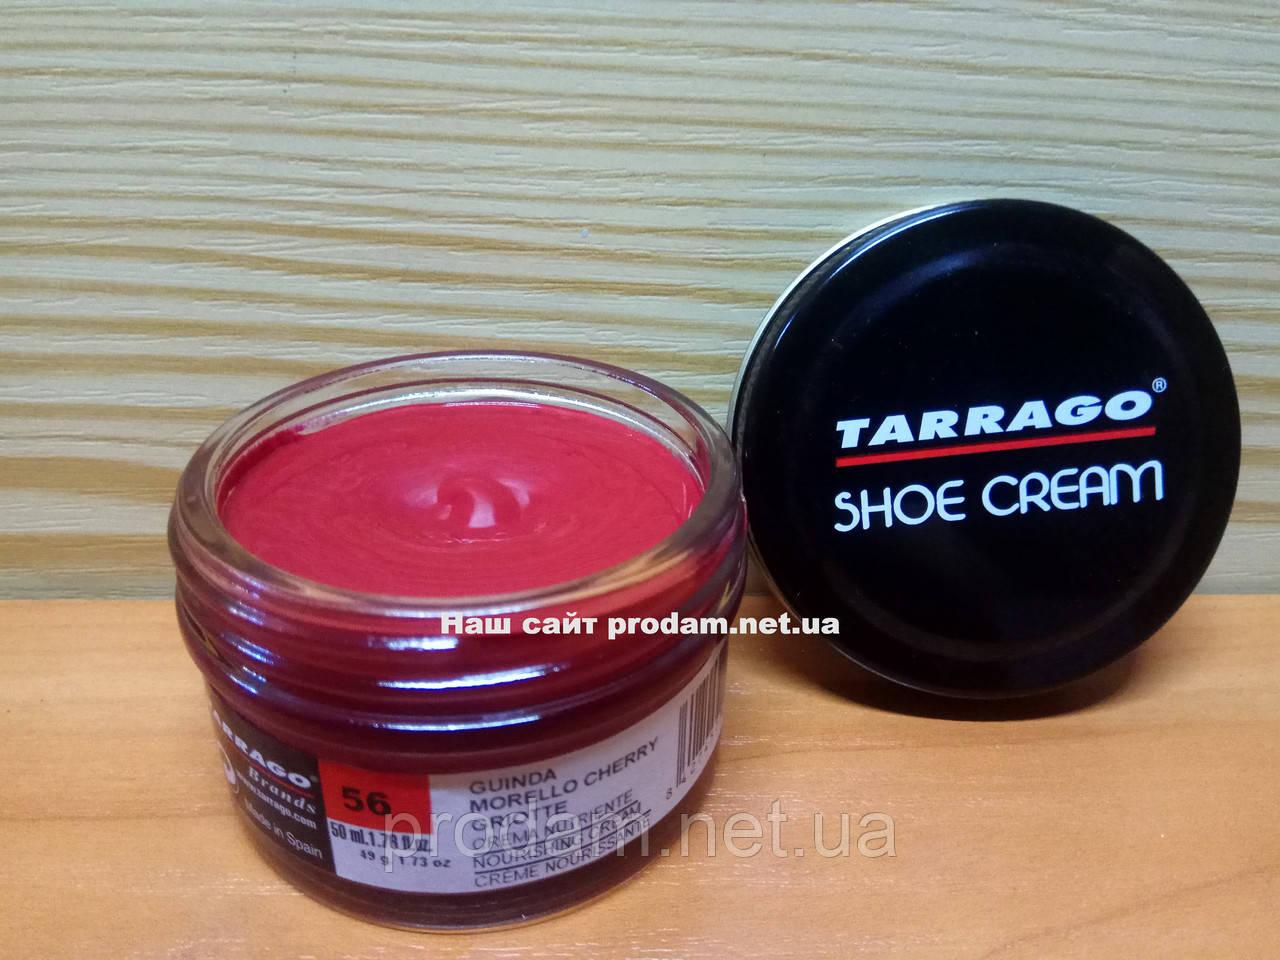 Крем для взуття Tarrago № 056-morello cherry